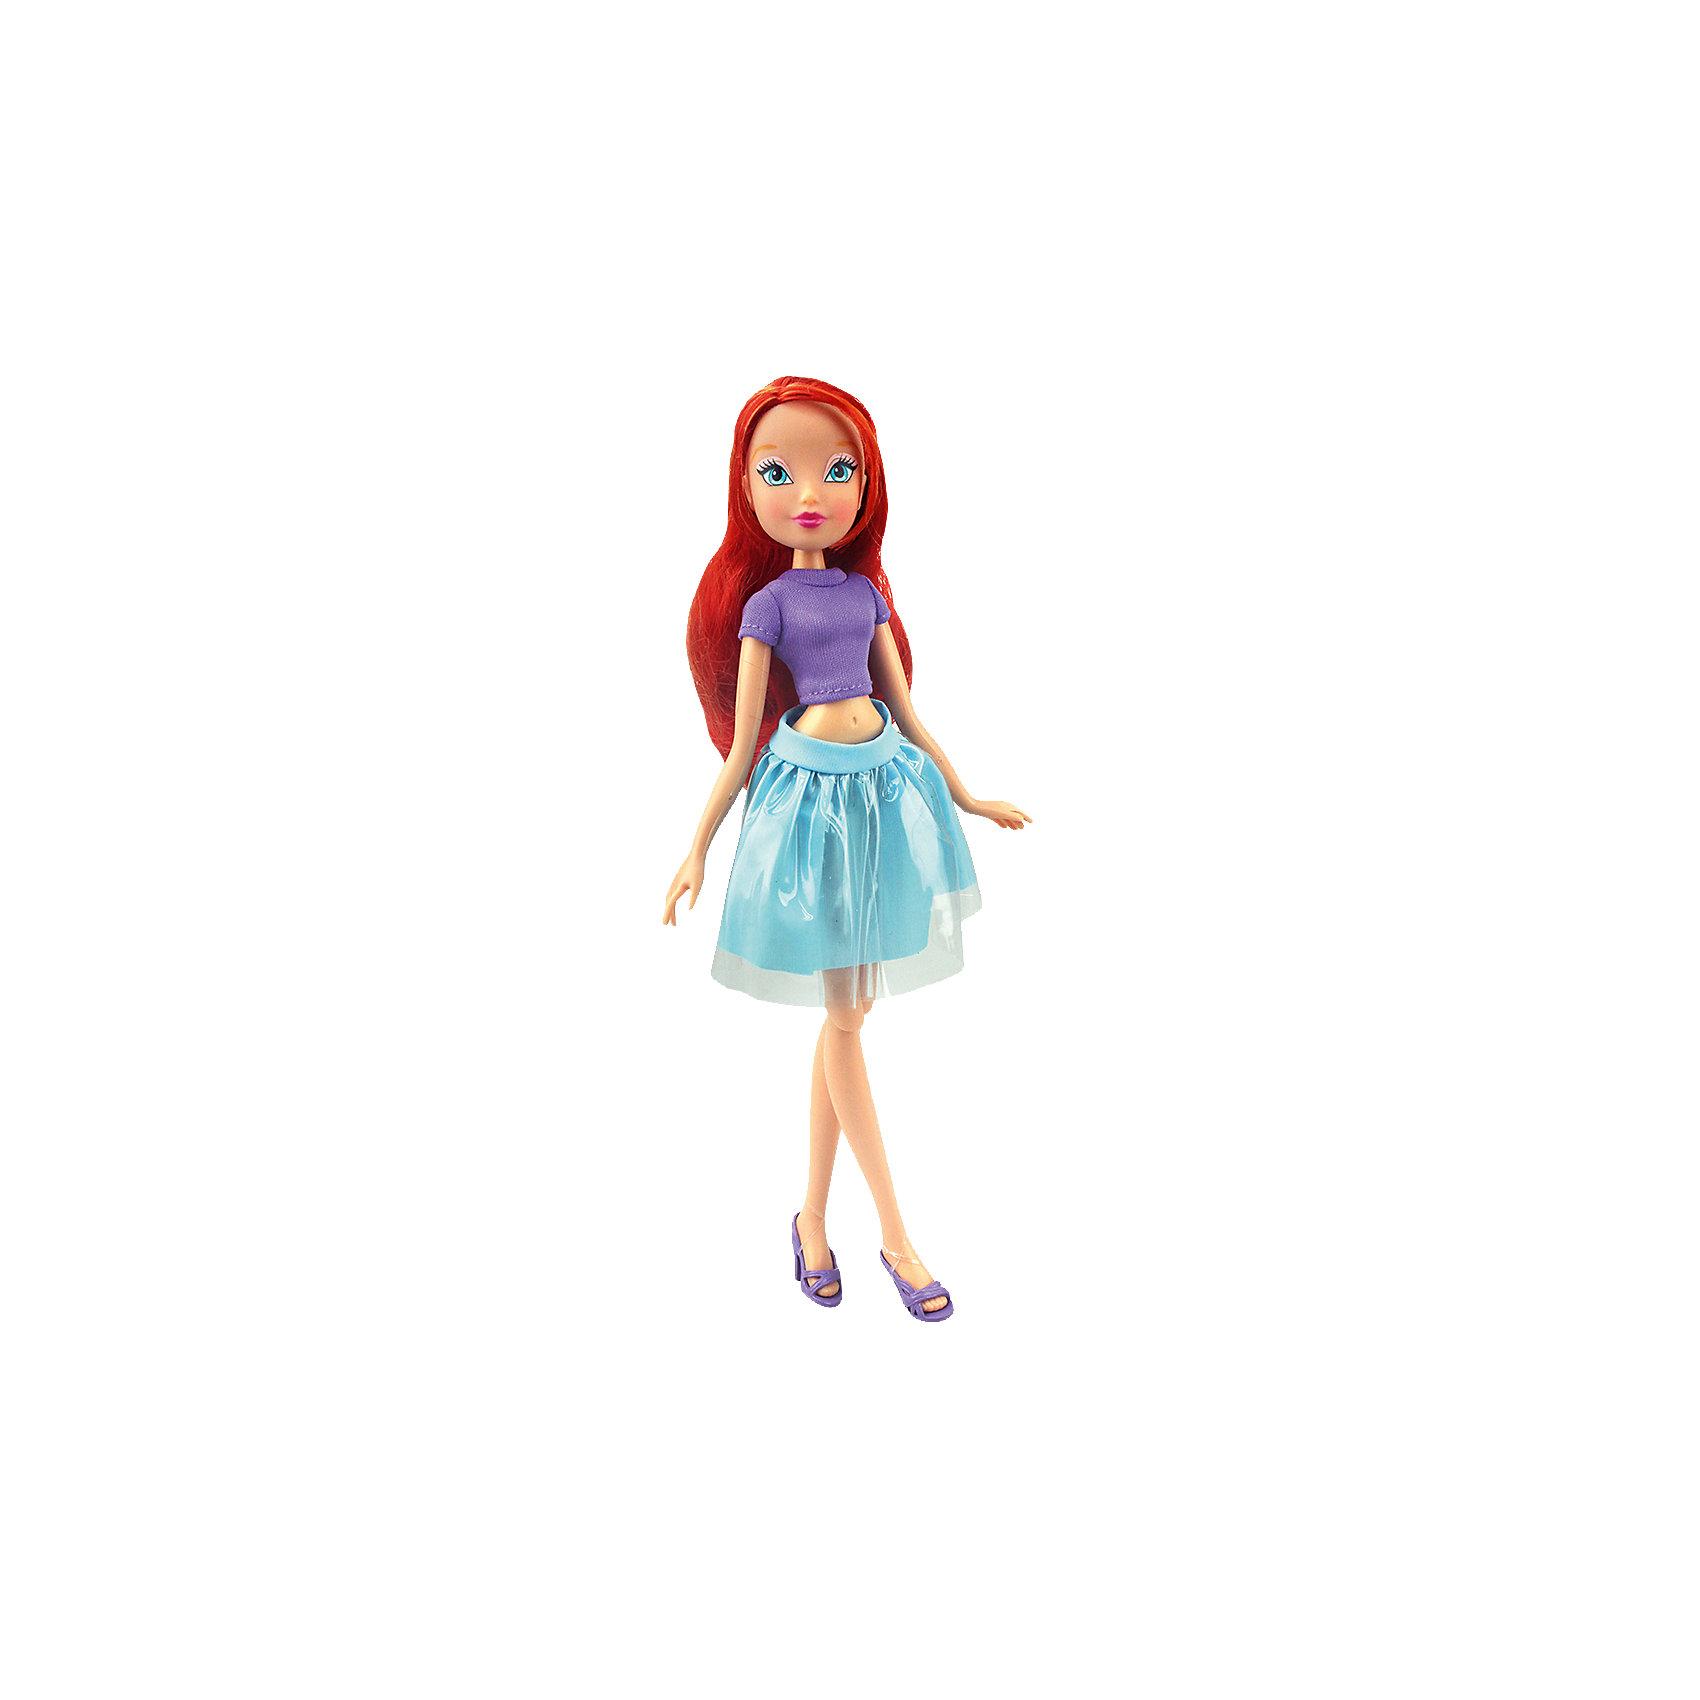 Кукла Блум Городская магия-2, Winx ClubКуклы-модели<br>Характеристики товара:<br><br>• возраст: от 3 лет;<br>• материал: пластик, текстиль;<br>• в комплекте: кукла, наряд, крылья;<br>• высота куклы: 27 см;<br>• размер упаковки: 25х15х10 см;<br>• вес упаковки: 220 гр.;<br>• страна производитель: Китай.<br><br>Кукла Блум «Городская магия-2» Winx Club создана по мотивам известного мультсериала «Клуб Винкс: Школа волшебниц» про очаровательных фей-волшебниц. Блум — главная героиня мультфильма, основательница Клуба Винкс. Блум любит смотреть комедии, читать книги о магии и общаться с друзьями.<br><br>У феи голубые выразительные глаза и мягкие огненно-рыжие волосы, которые можно расчесывать, заплетать и украшать. Одета Блум в фиолетовый топ и голубую пышную юбку. У куклы несколько точек артикуляции. Руки сгибаются в локтях и плечах, ноги в бедрах и коленях. В комплекте крылышки для девочки на резинке, которые позволяет ей придумать себе волшебный образ на праздник или день рождение. <br><br>Куклу Блум «Городская магия-2» Winx Club можно приобрести в нашем интернет-магазине.<br><br>Ширина мм: 150<br>Глубина мм: 250<br>Высота мм: 100<br>Вес г: 25<br>Возраст от месяцев: 36<br>Возраст до месяцев: 2147483647<br>Пол: Женский<br>Возраст: Детский<br>SKU: 5532629